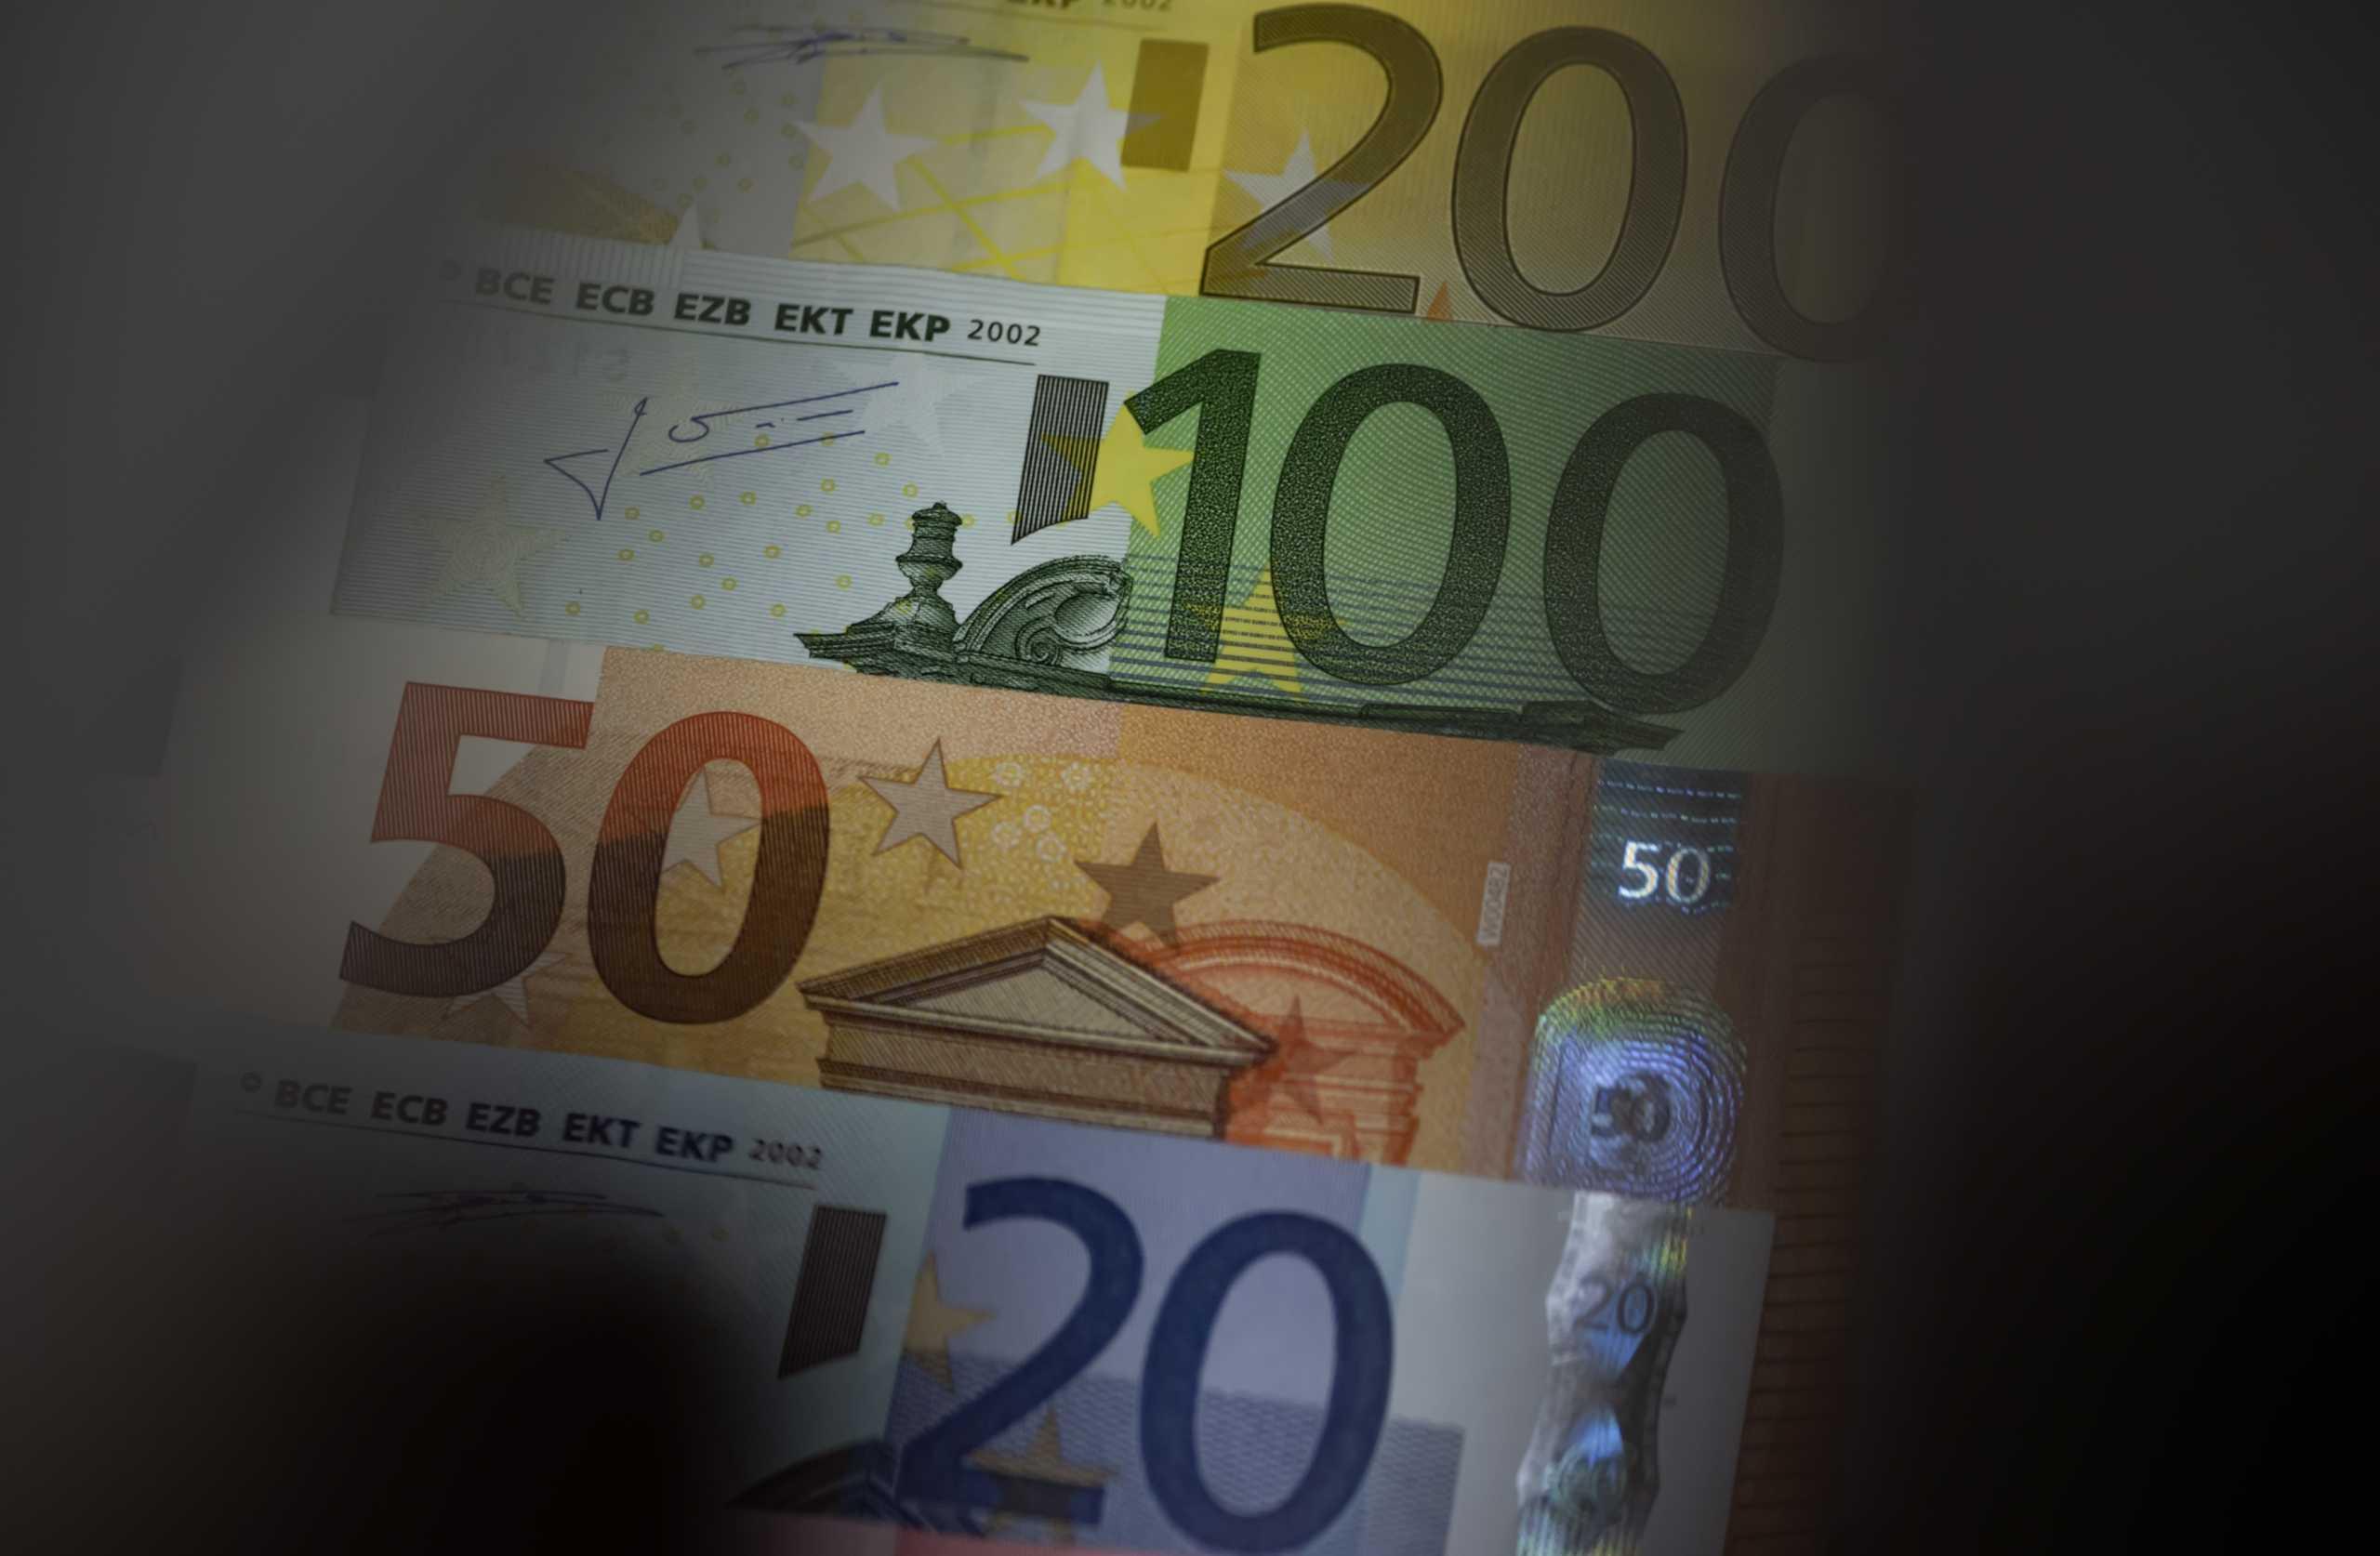 Ευρωβαρόμετρο: Το 80% των ερωτηθέντων σε χώρες της ευρωζώνης θεωρεί το ευρώ καλό για την ΕΕ